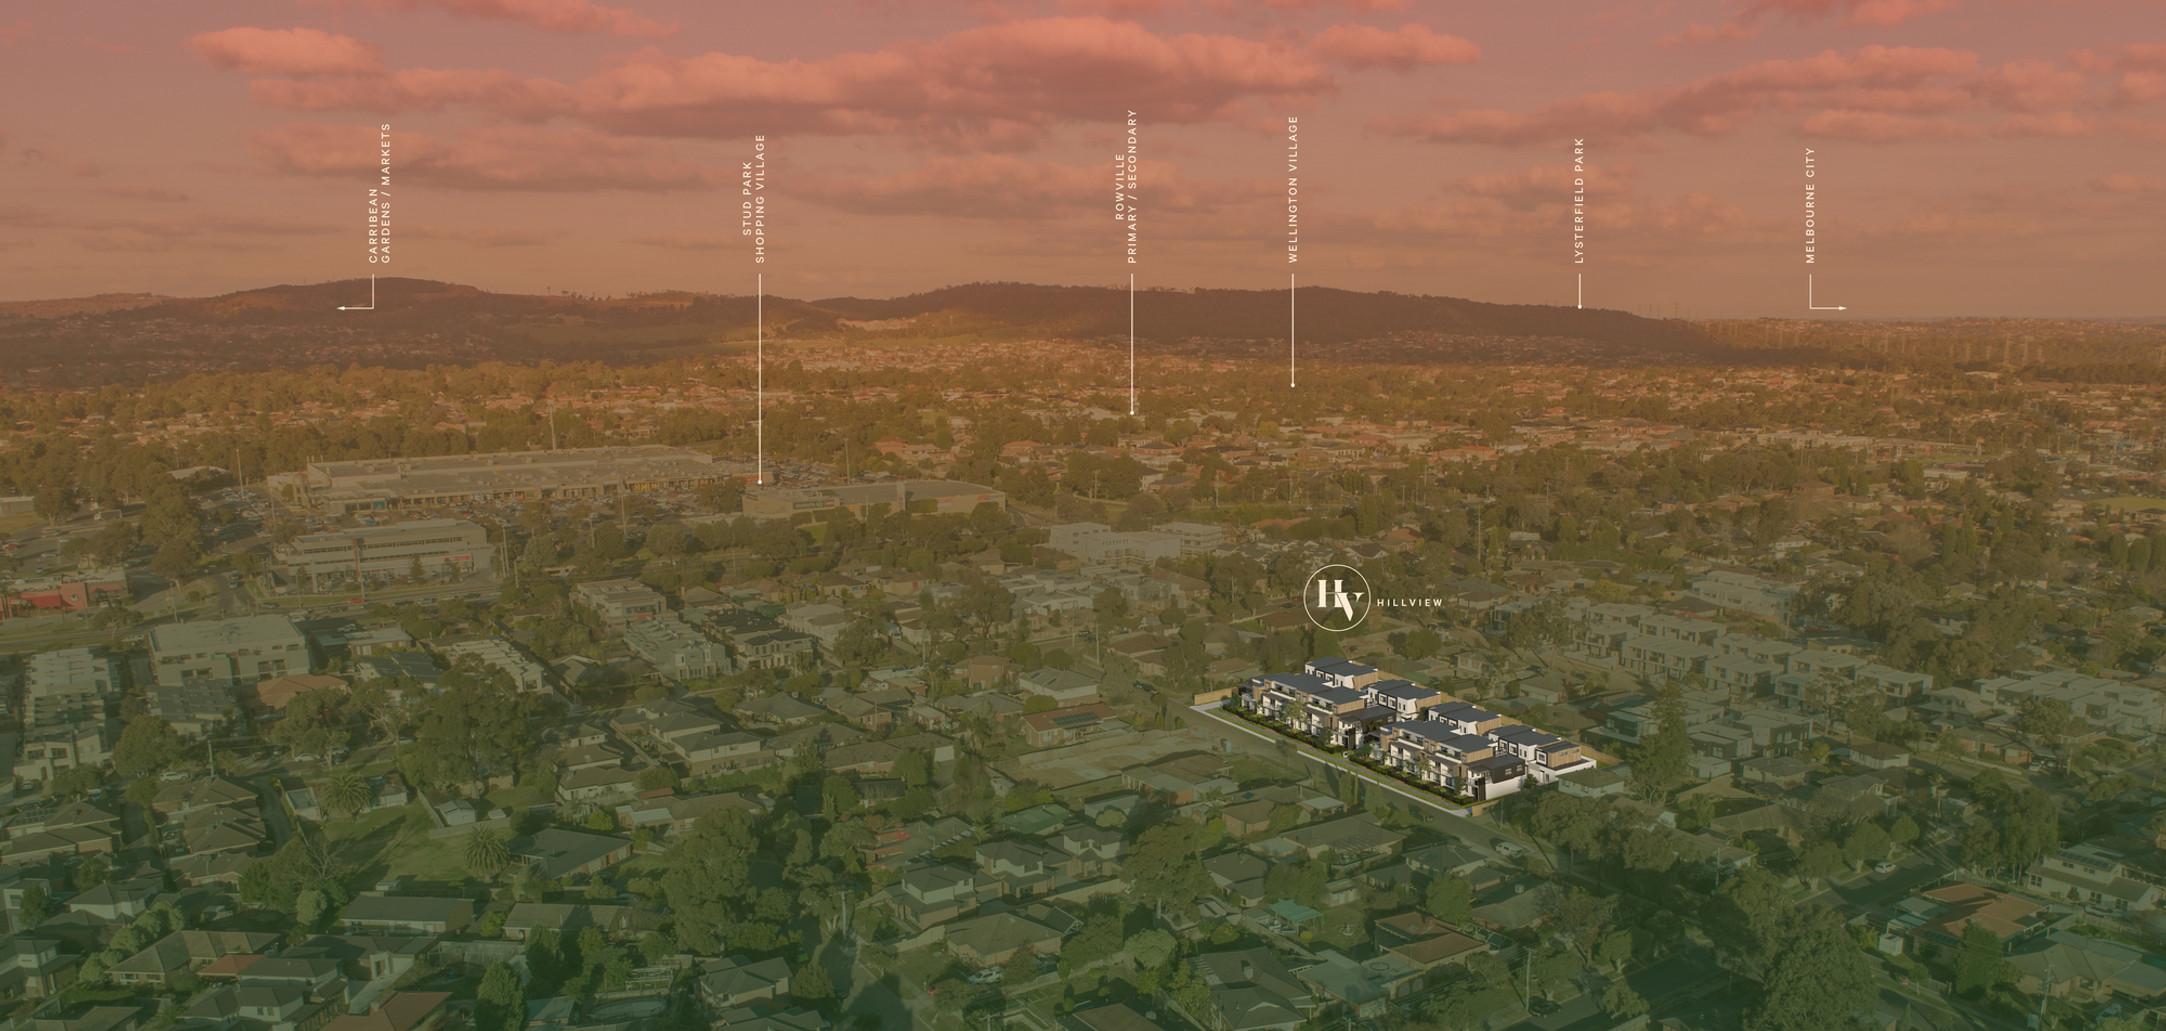 Hillview Aerial Map for website 02v3.jpg